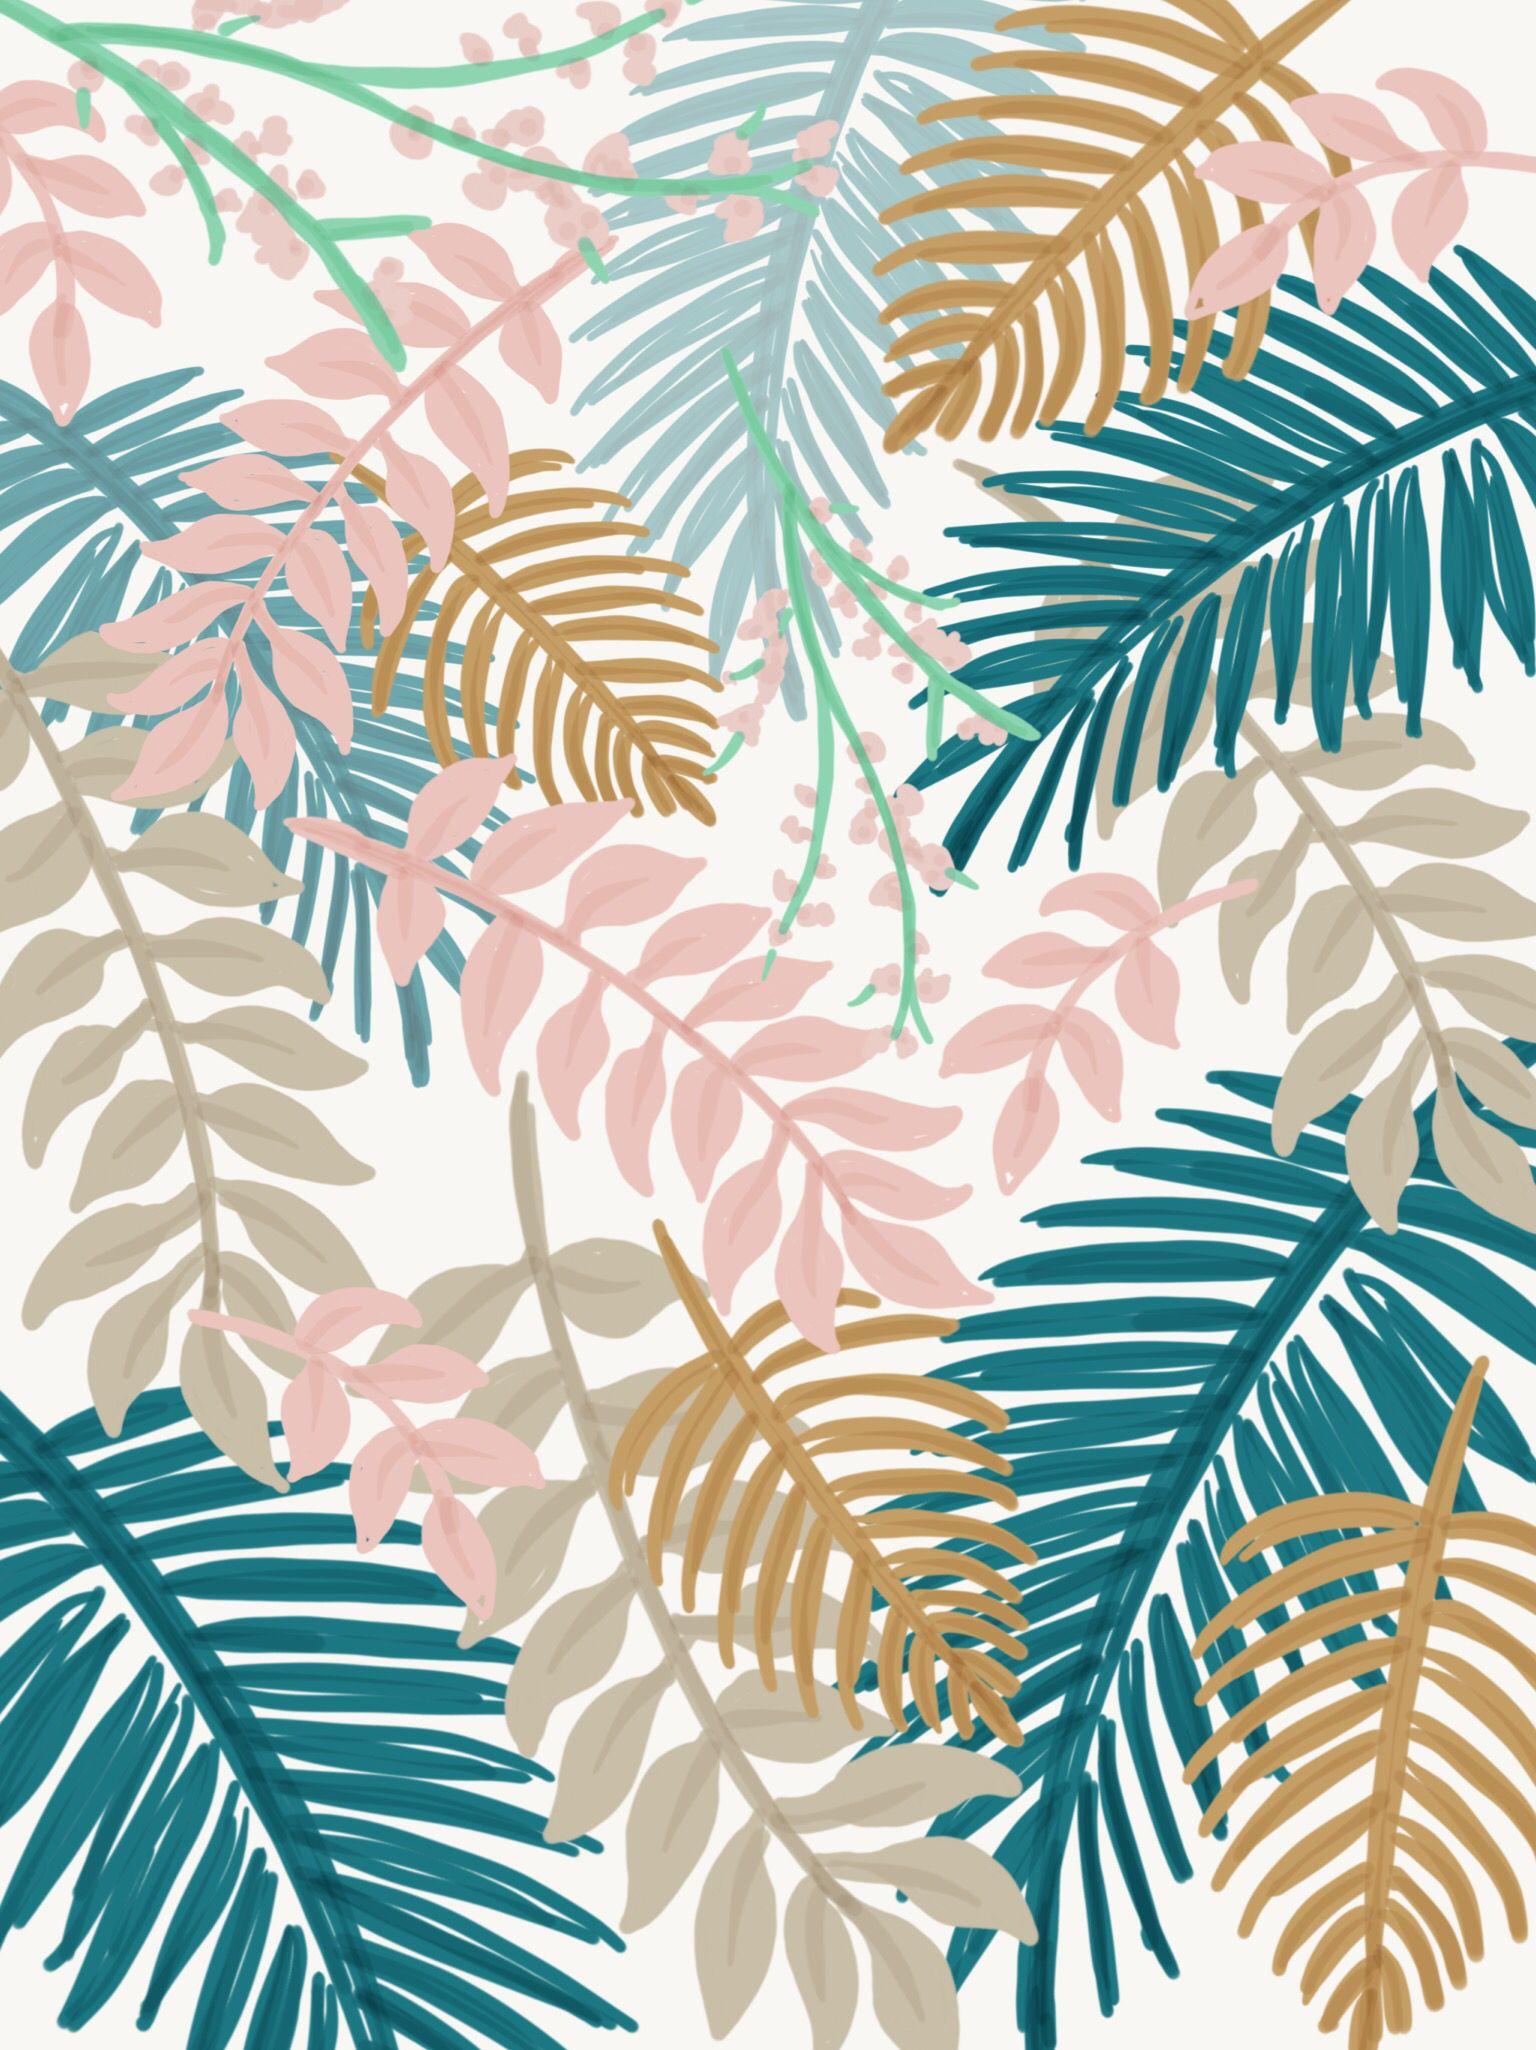 Tropical Leaf Illustration Leaf Illustration Tropical Leaves Illustration Leaves Wallpaper Iphone